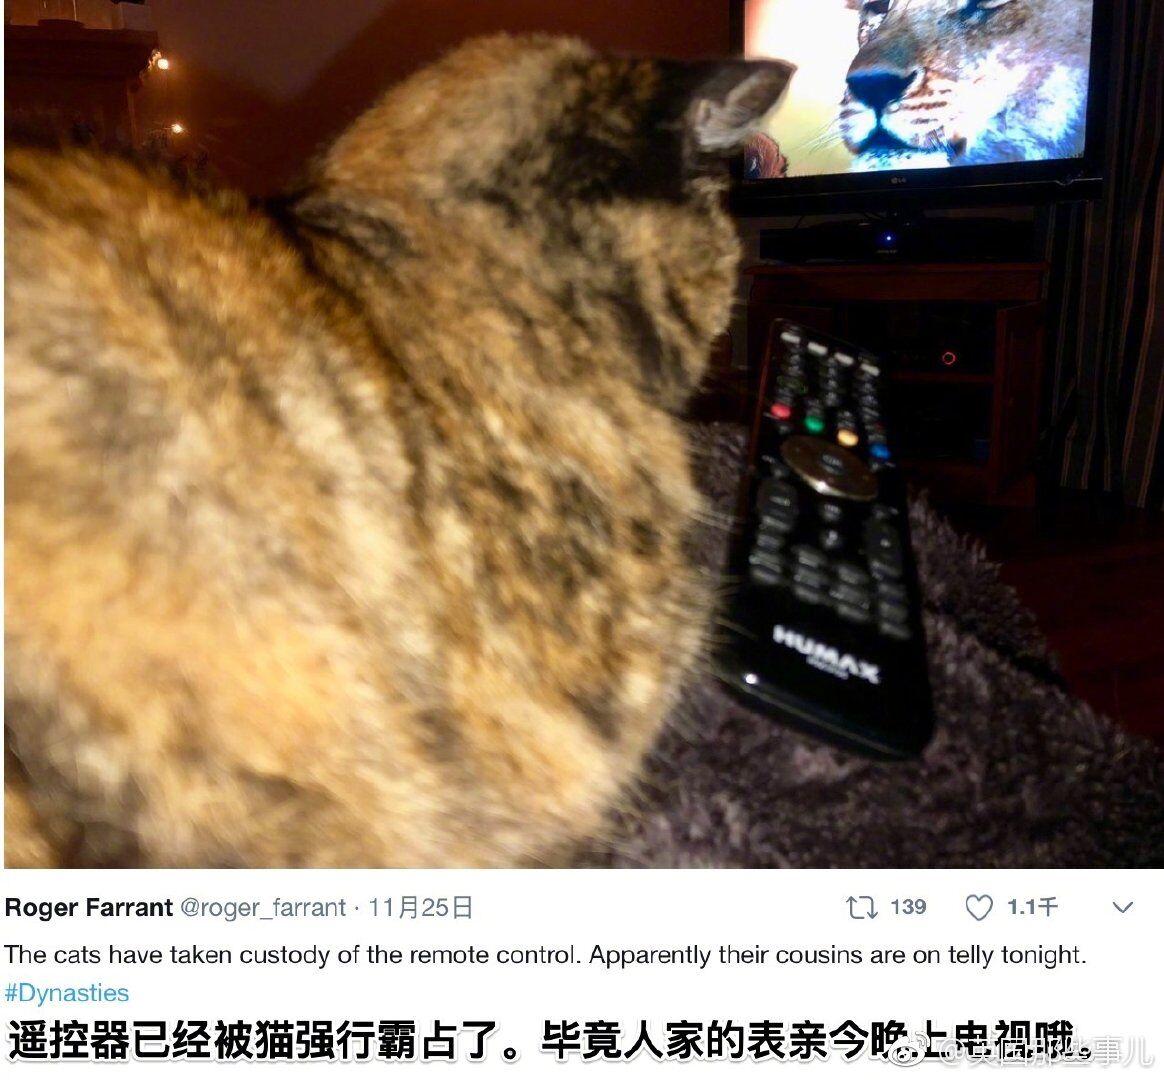 豆瓣9.6 BBC神级纪录片《王朝》 堪比动物界的《权力的游戏》!